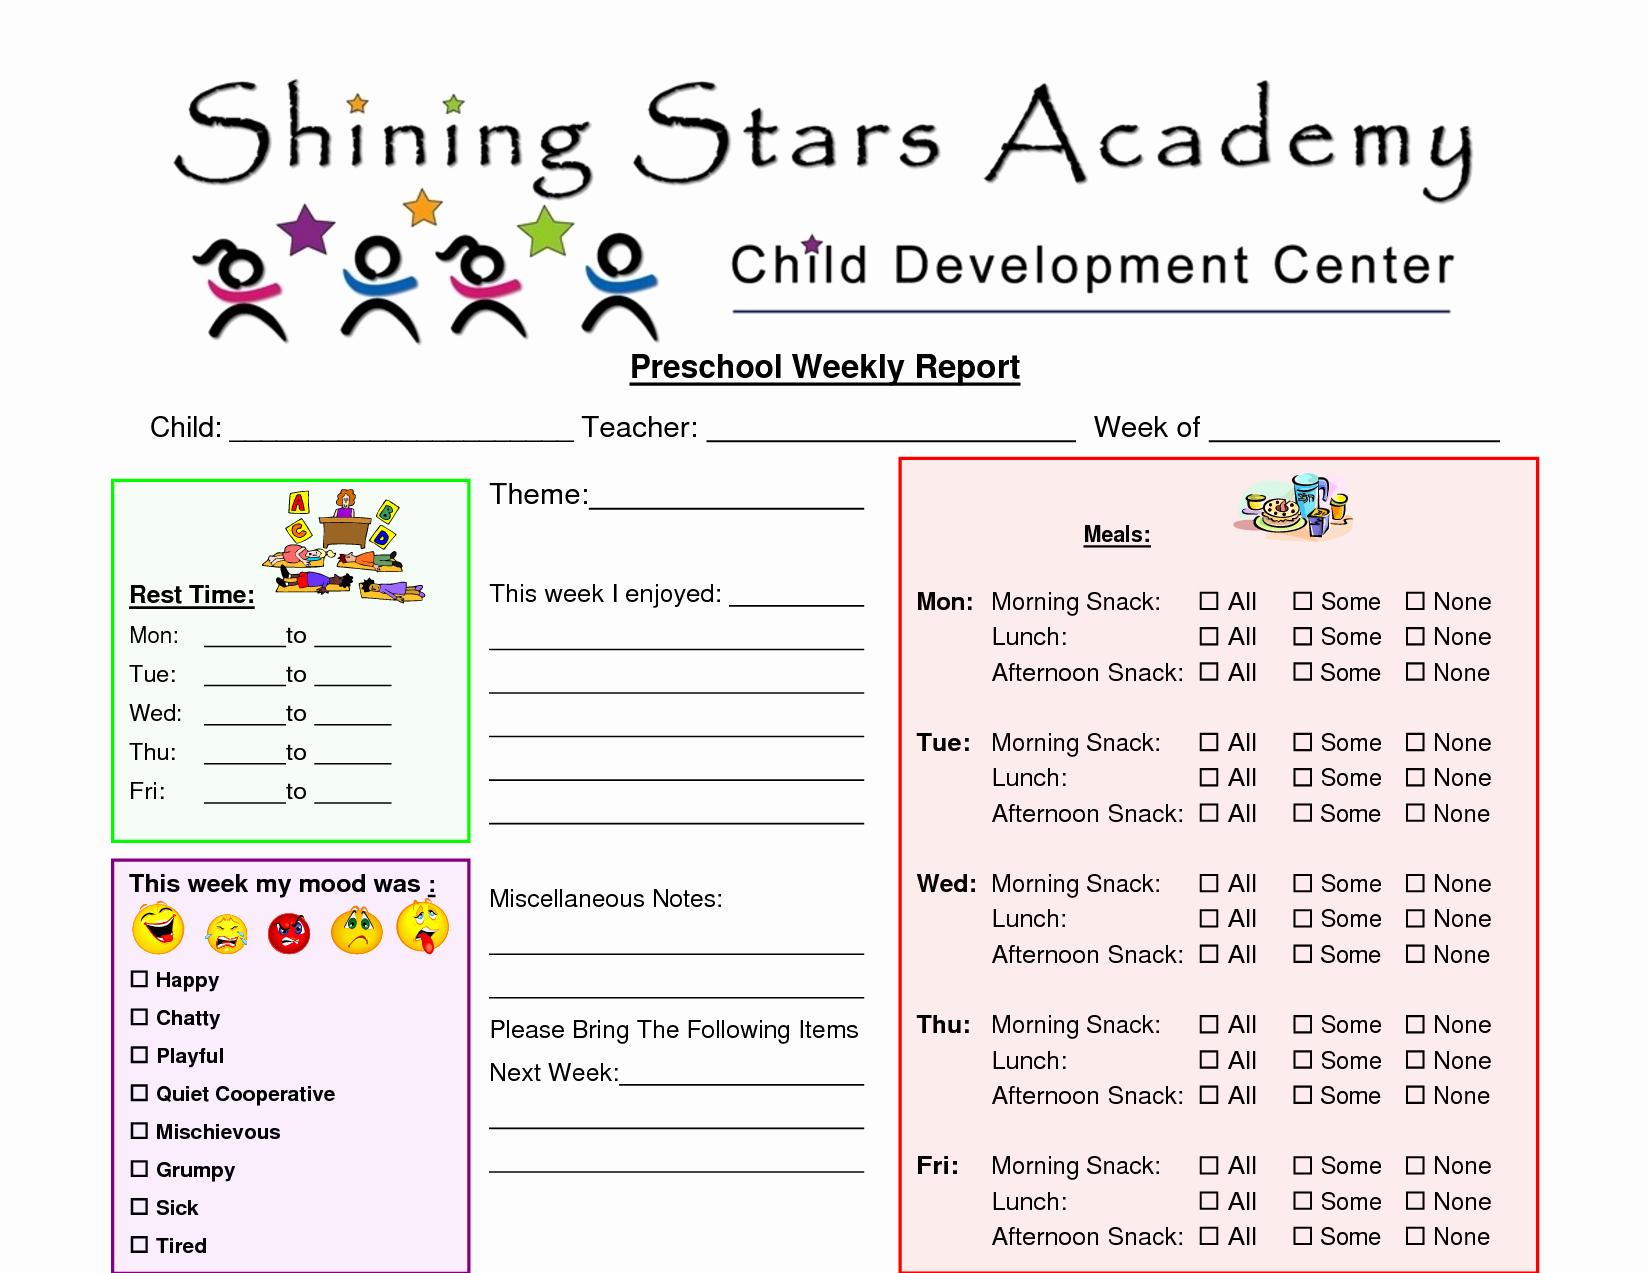 Kindergarten Progress Report Template Unique Preschool Progress Report Template Preschool